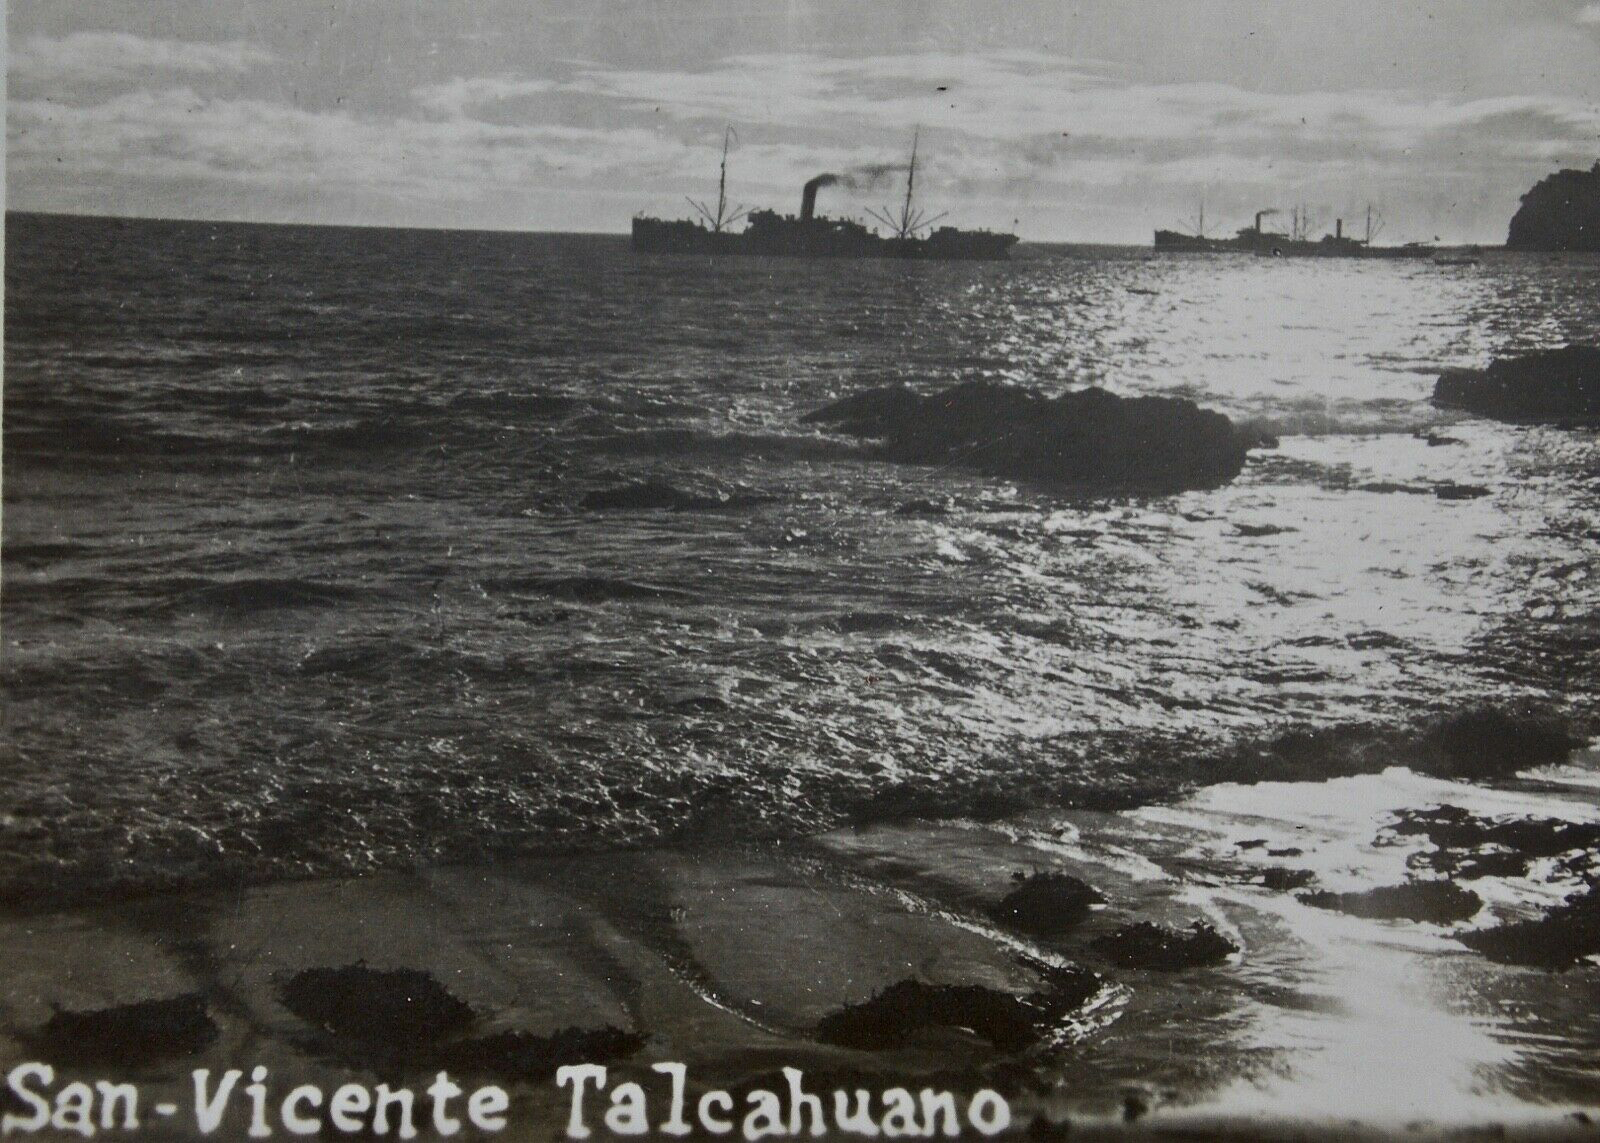 Enterreno - Fotos históricas de chile - fotos antiguas de Chile - Talcahuano en 1930